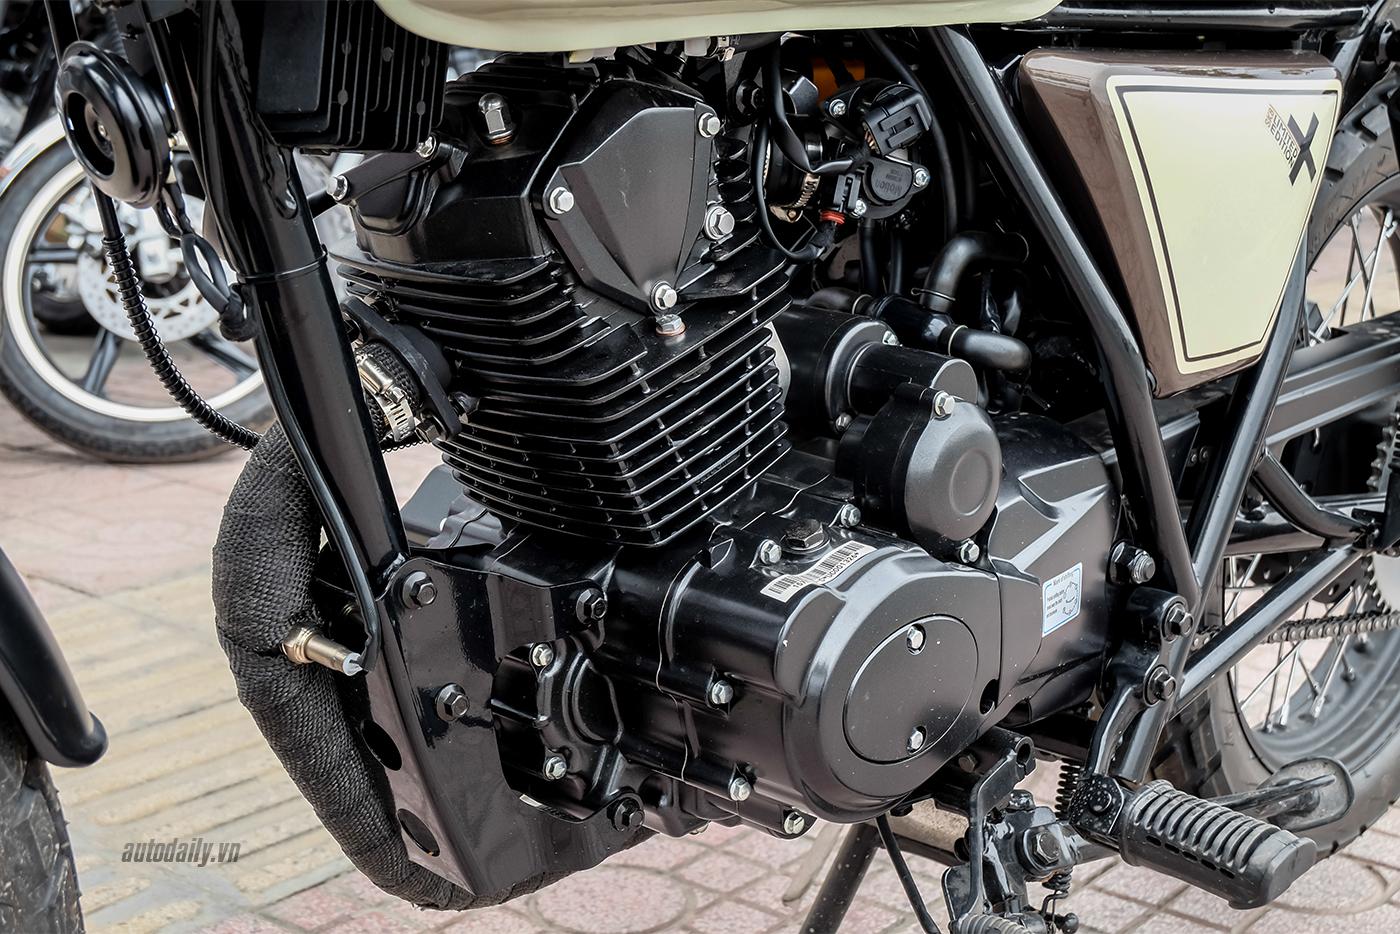 brixton-bx-150-classic-ltd-6.jpg